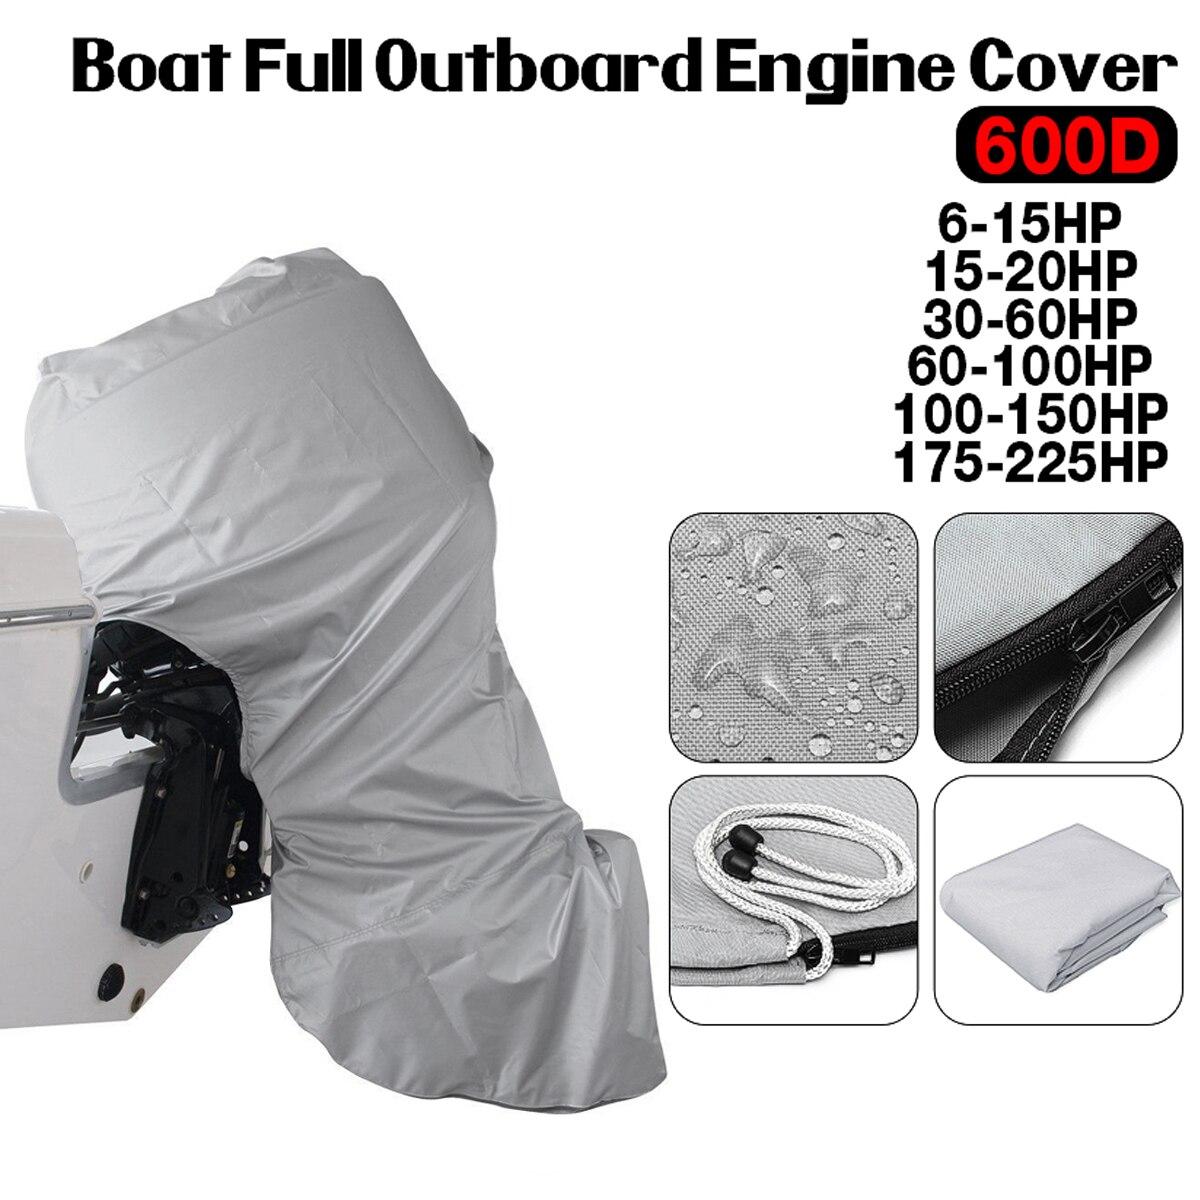 600D Boot Volle Außenbordmotor Abdeckung Grau Motor Motor Covers Schutz Für 6-225HP Wasserdicht